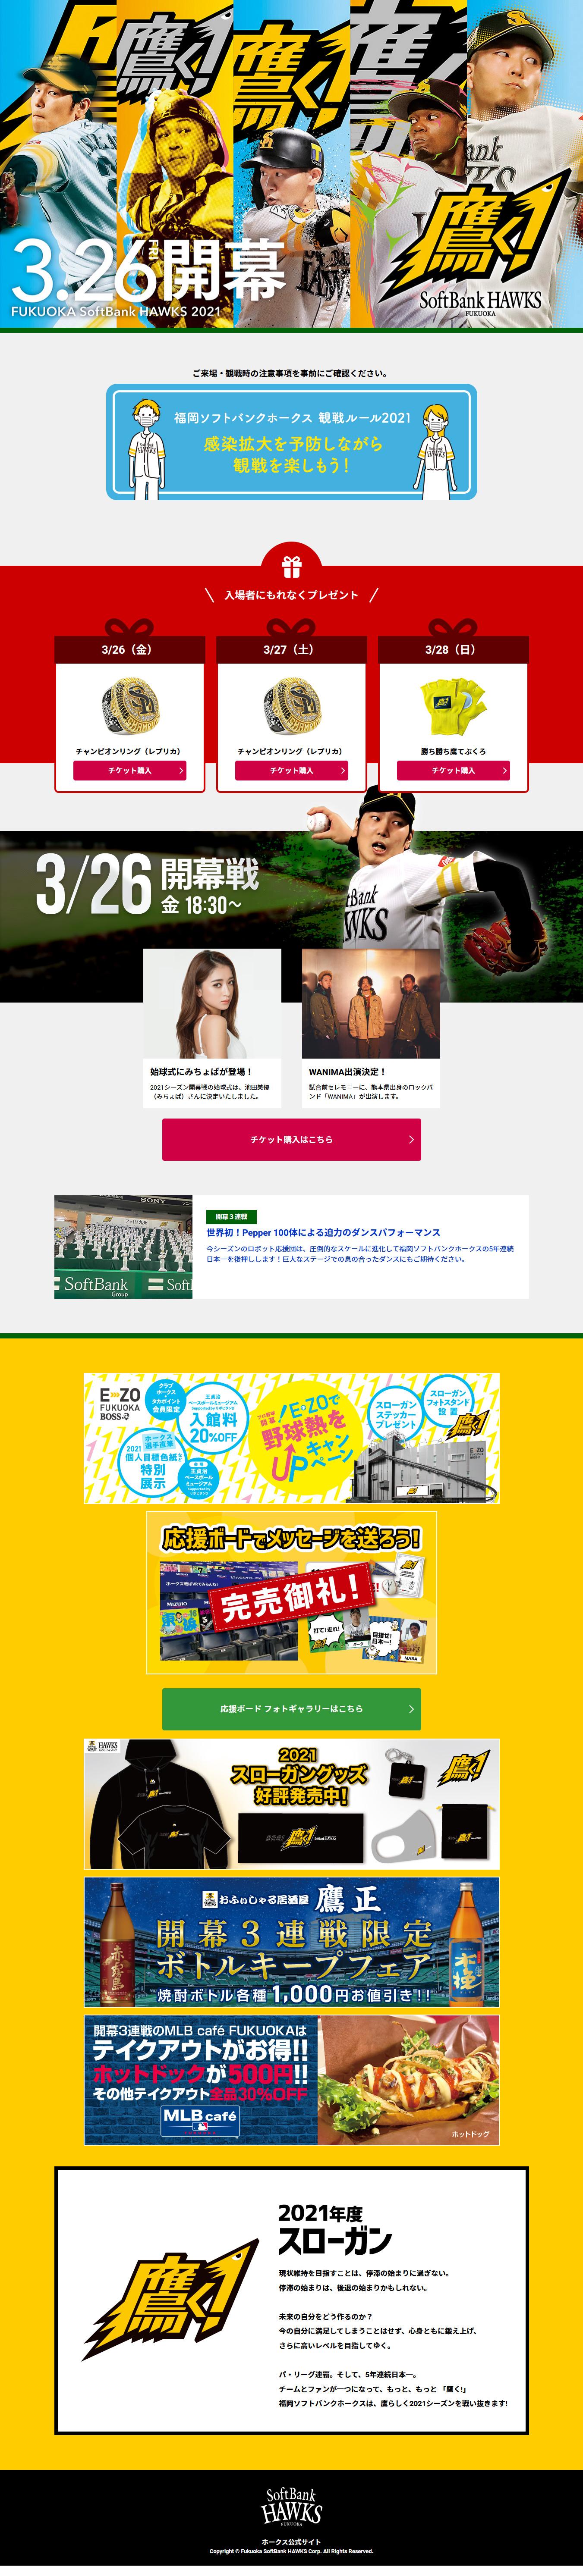 福岡ソフトバンクホークス開幕戦2021特設サイト